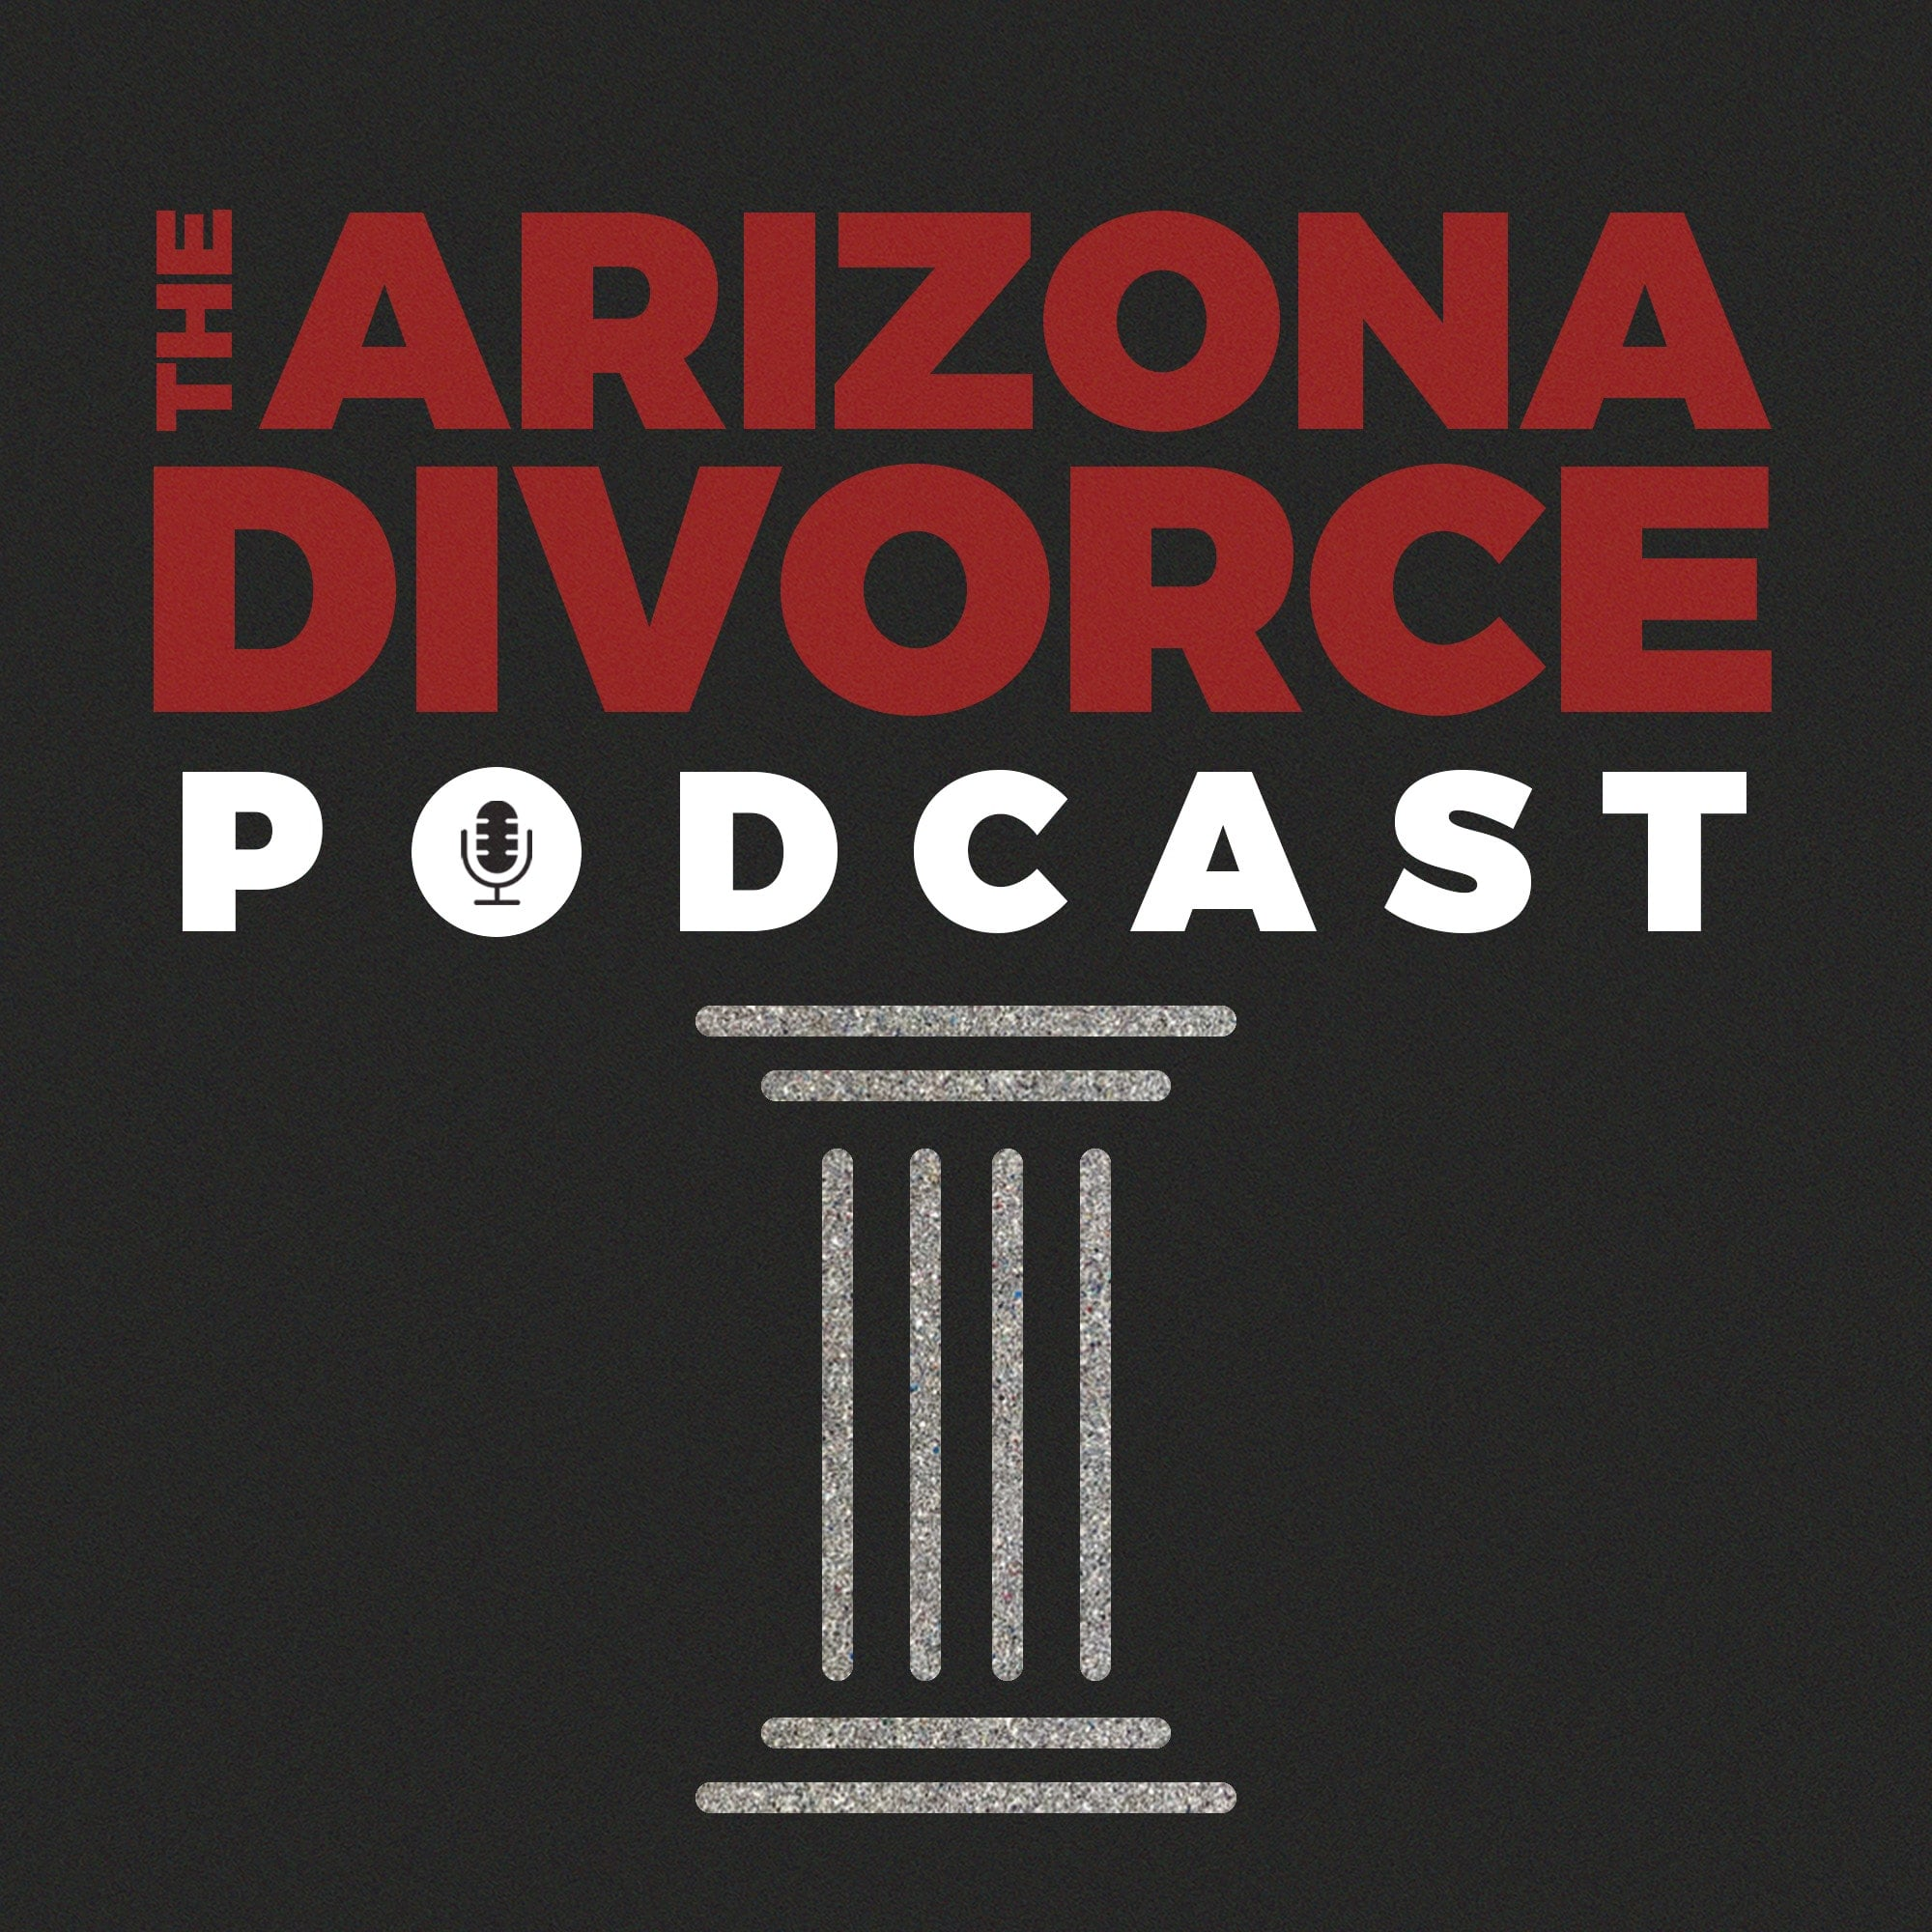 Arizona Divorce Podcast show art